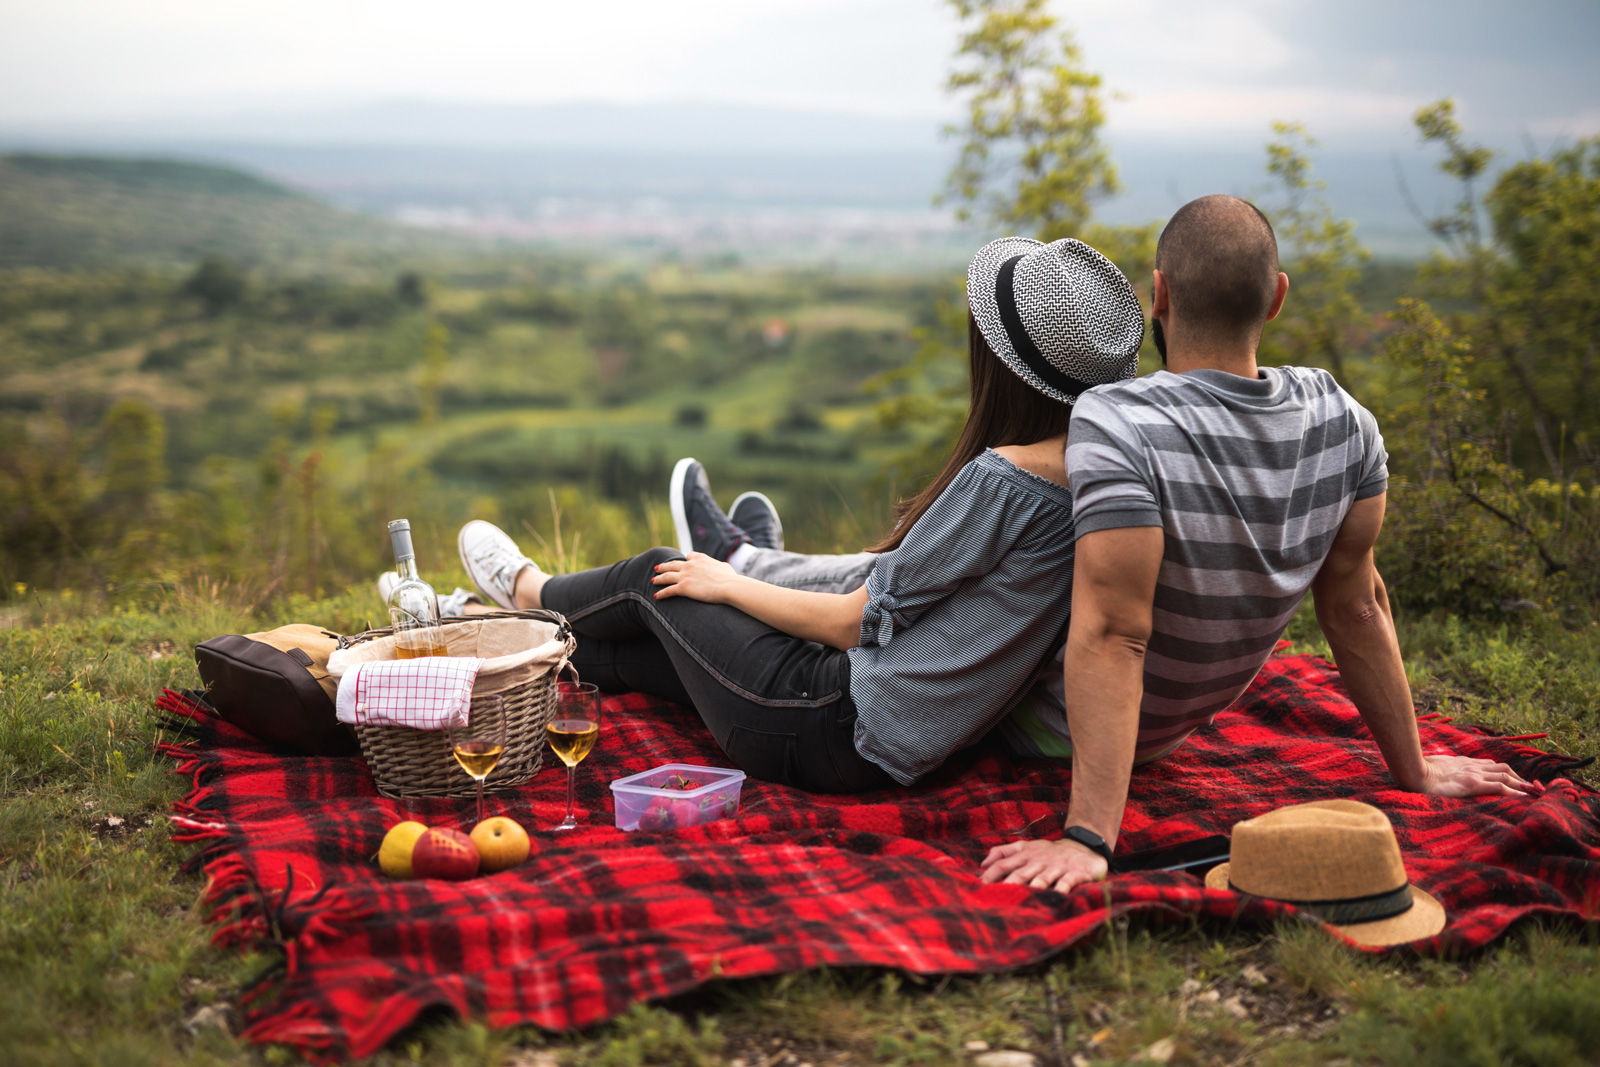 Ungezwungen: Picknick statt Restaurant